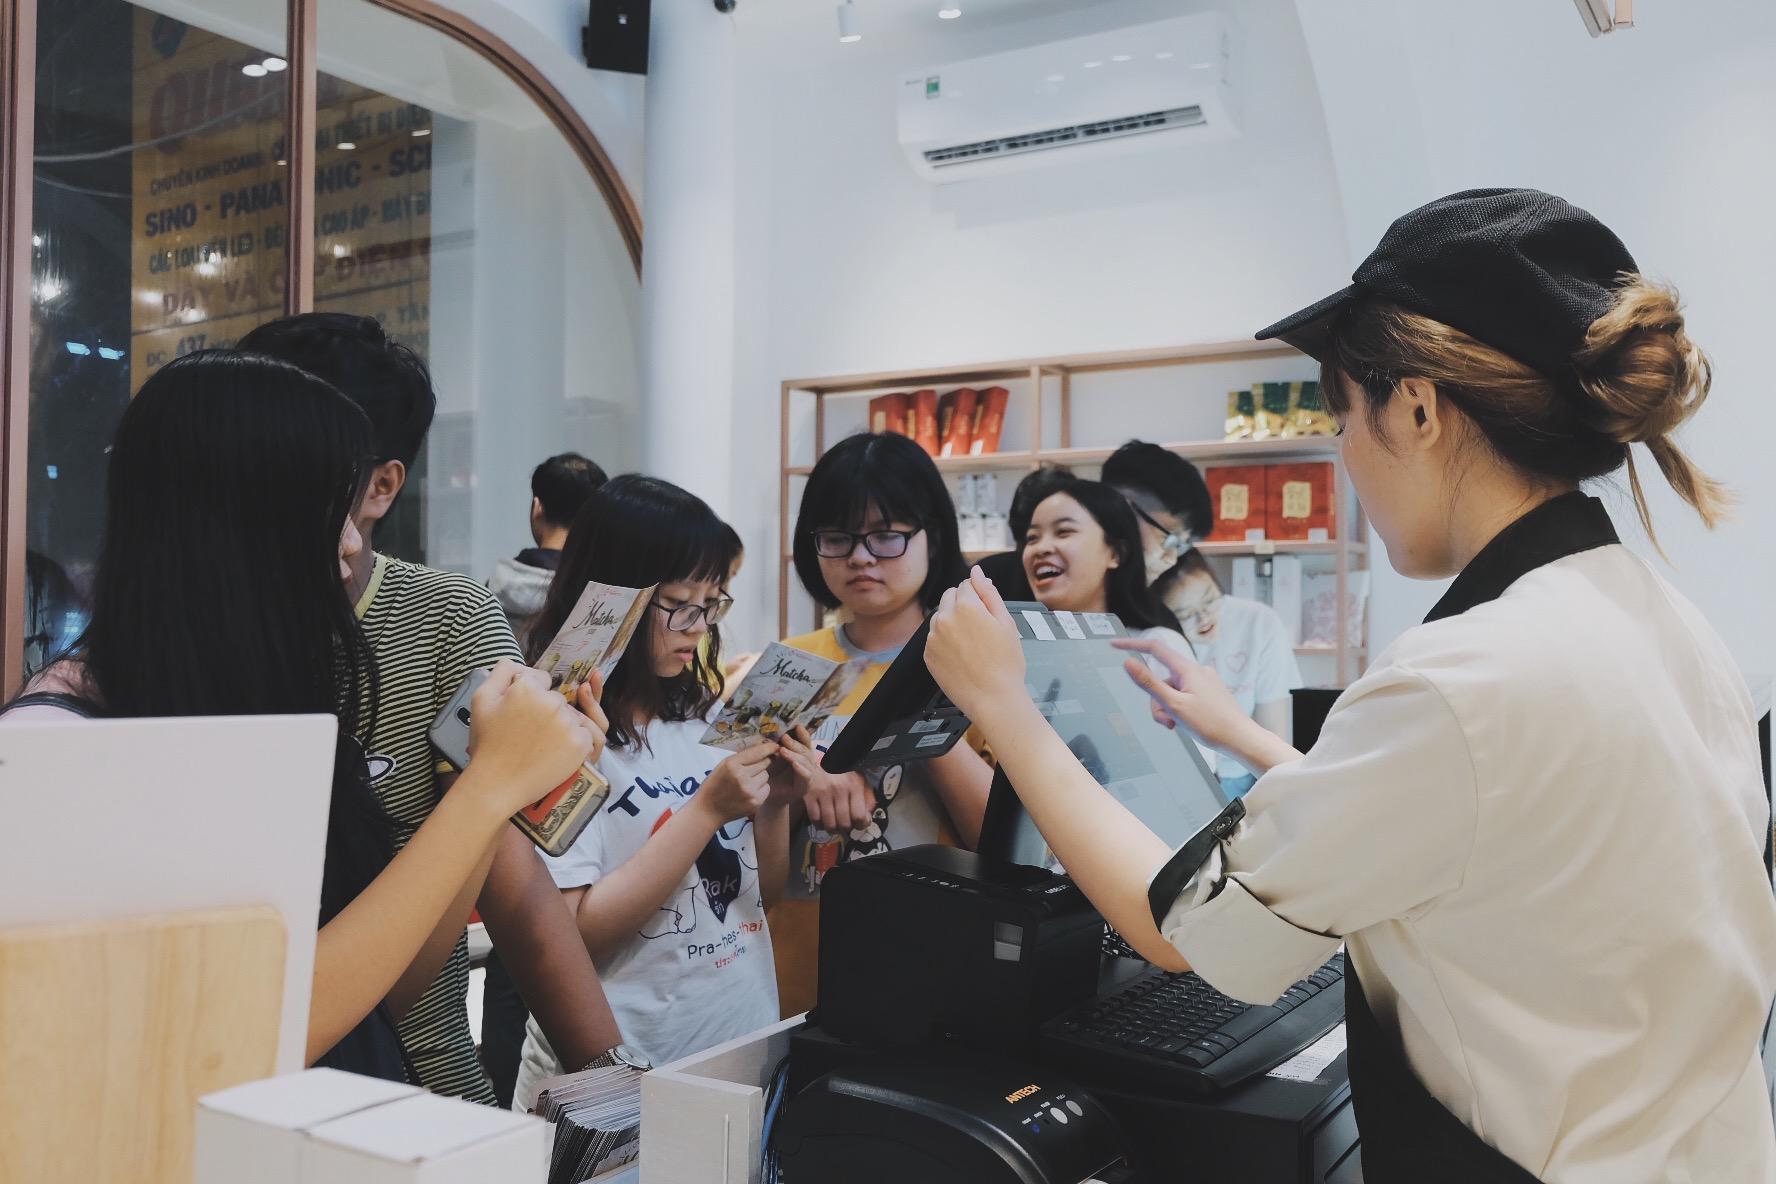 Bất chấp trời mưa, giới trẻ vẫn rồng rắn xếp hàng để mua trà sữa - Ảnh 2.